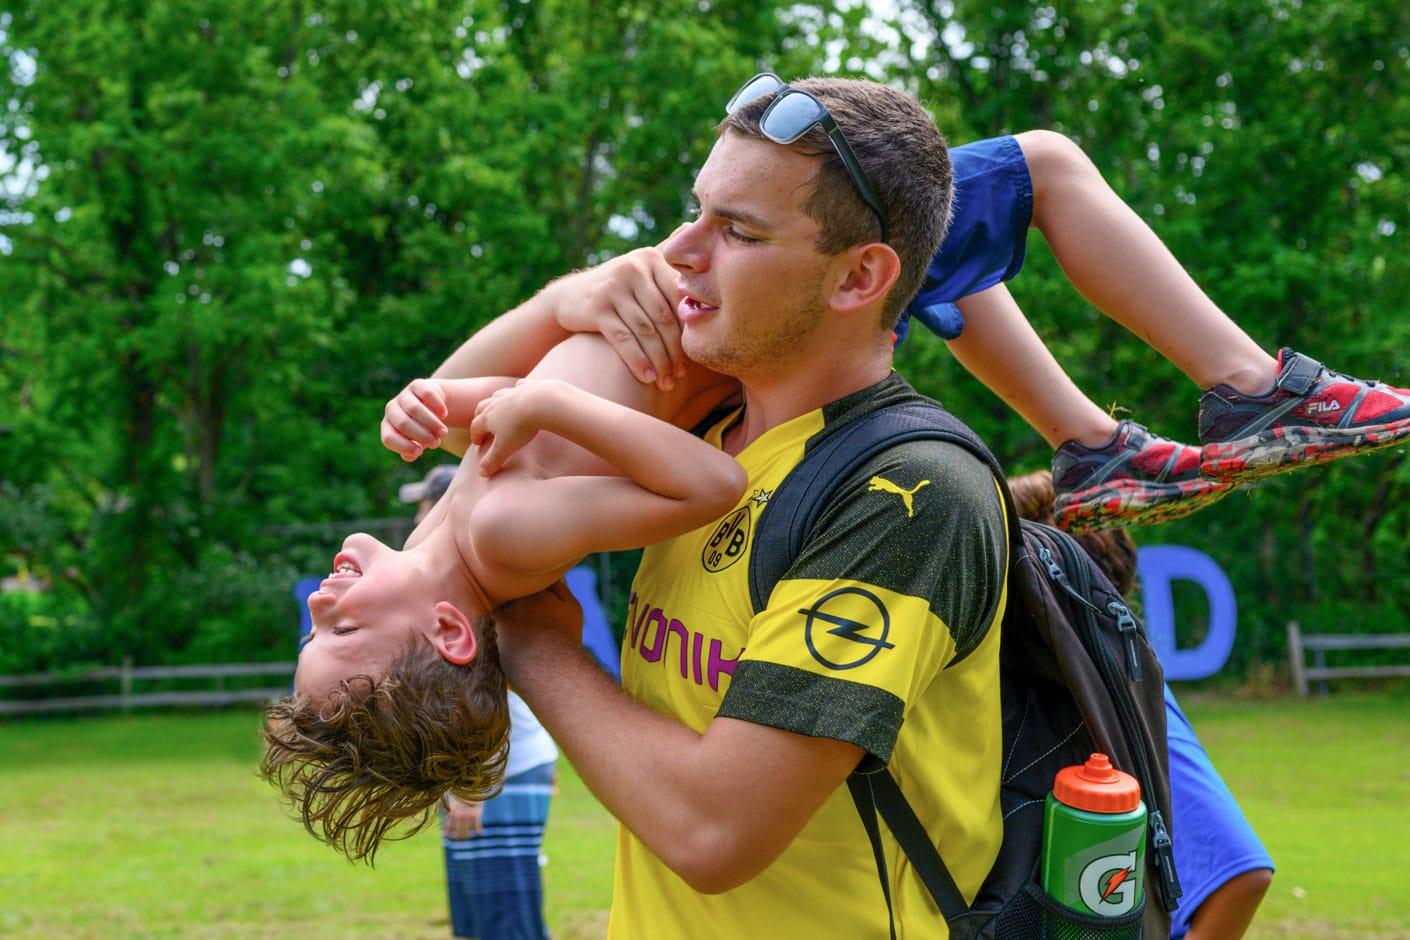 Senior staff lifting camper in air